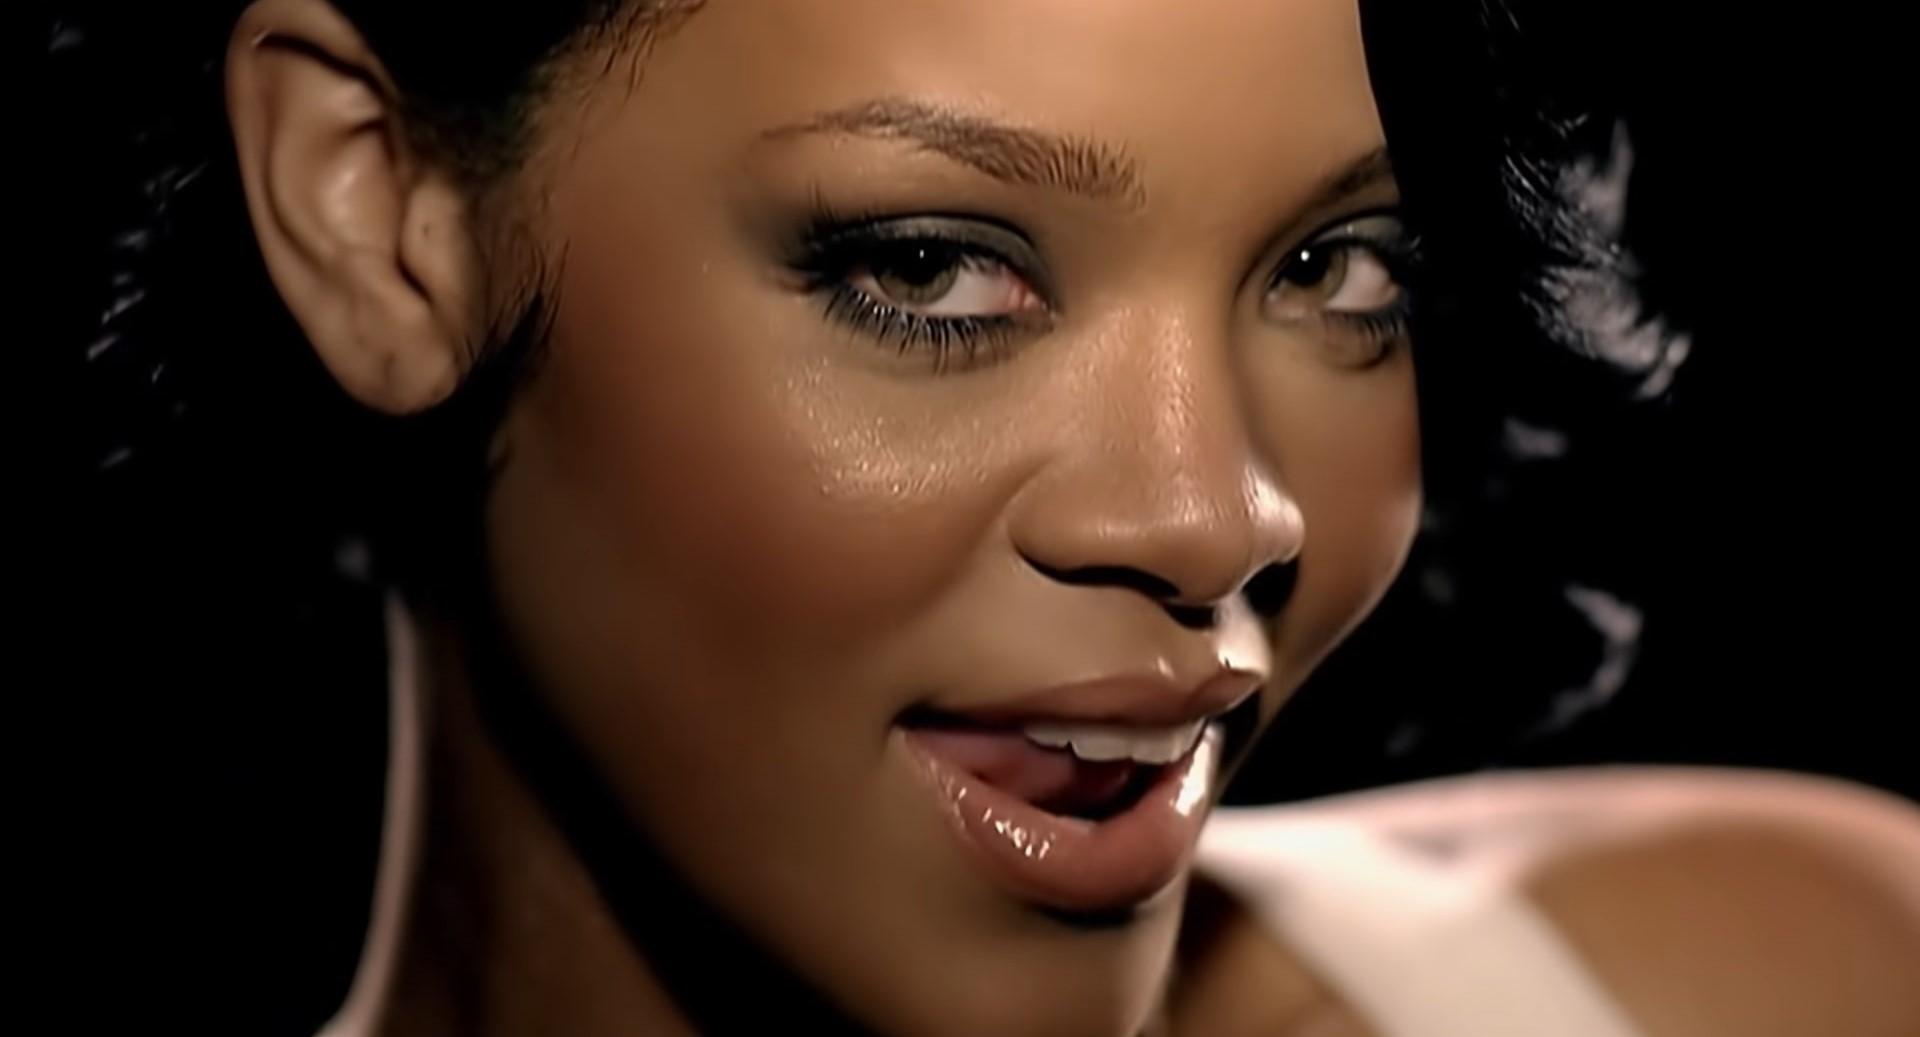 ti e Rihanna hook up si può collegare un magnete di avviamento allindietro